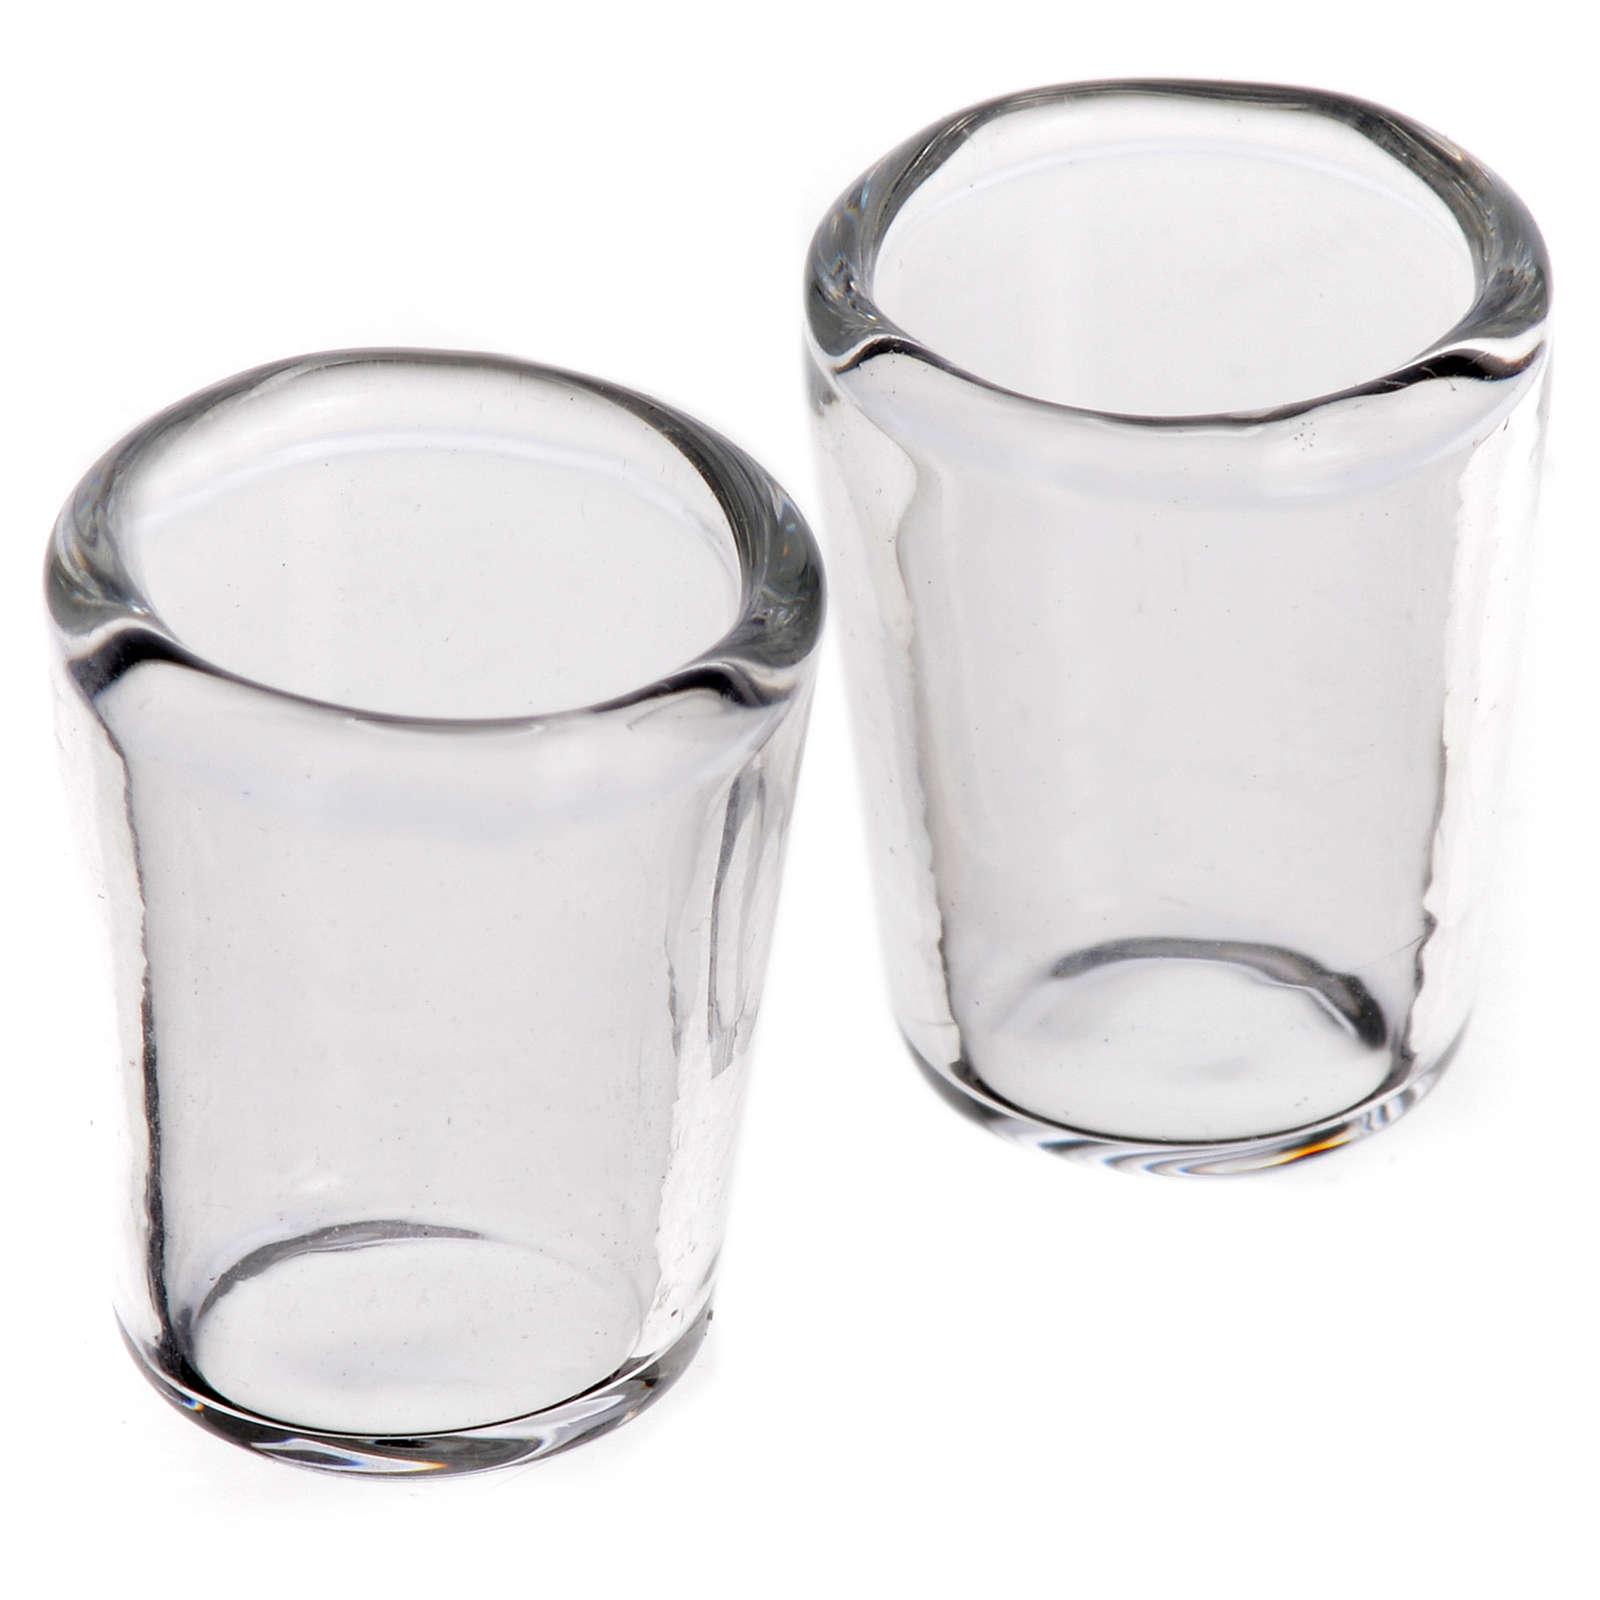 Copo de vidro presépio 1x0,8 cm conjunto 2 peças 4